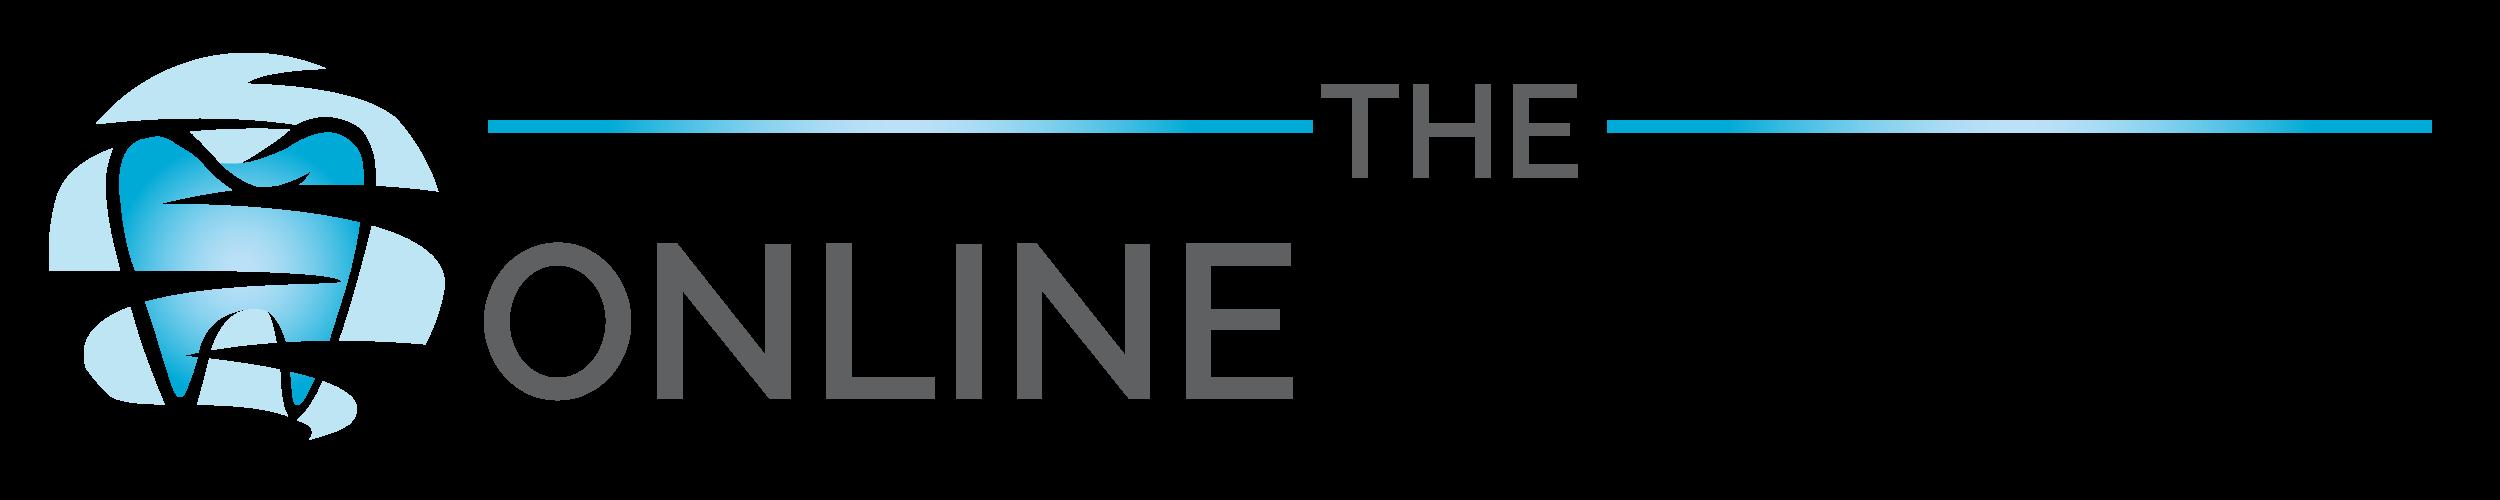 TheOnlinePractice.com | The Online Practice